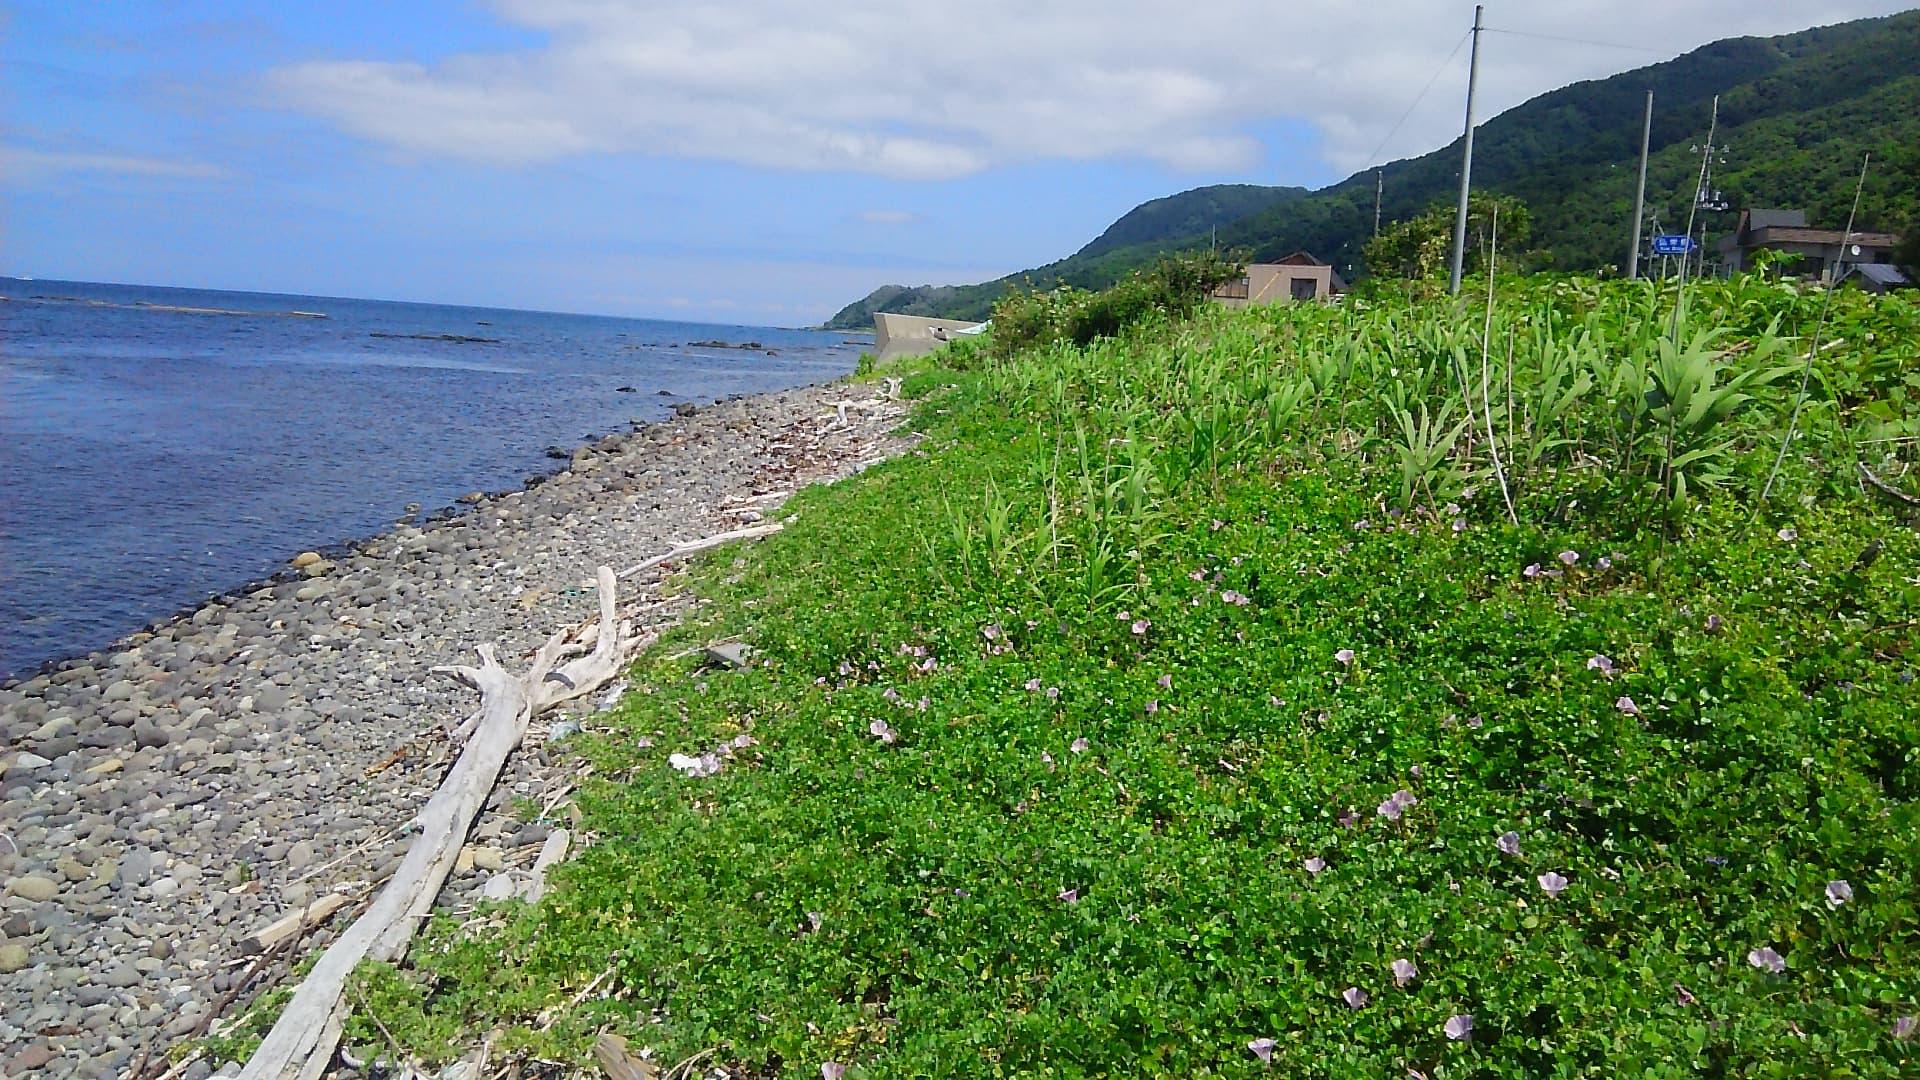 小西正尚が好きな花である浜昼顔の花が海辺を彩る